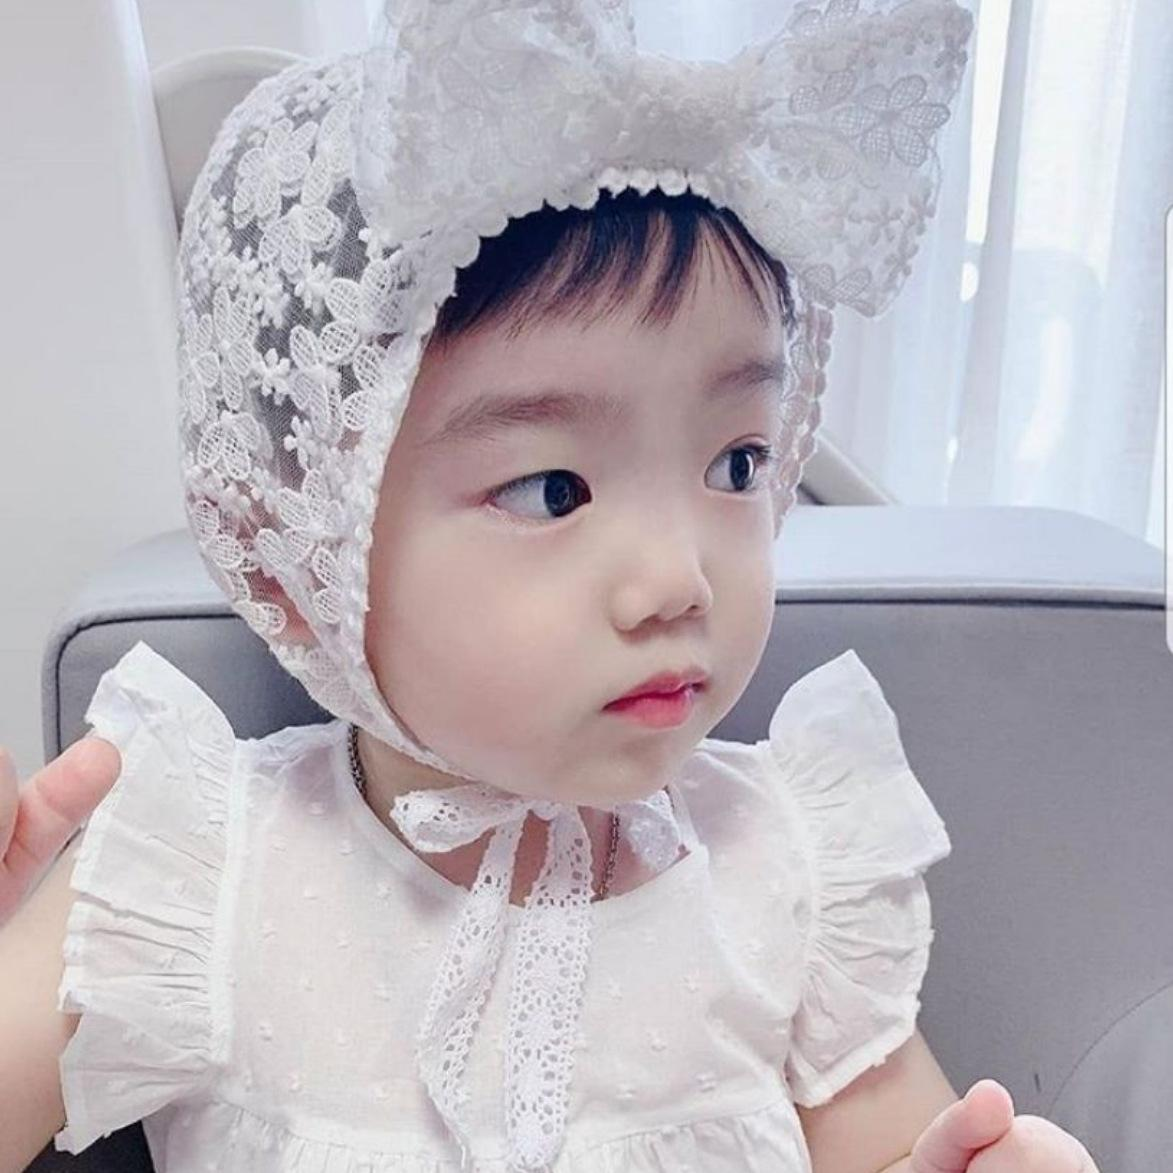 Corée Nouveau été bébé dentelle printemps pneu nouveau-né et l'arc dentelle bébé été filles chapeau princesse chapeau de pneu 100 jours Gong Tingmao hYyfQ